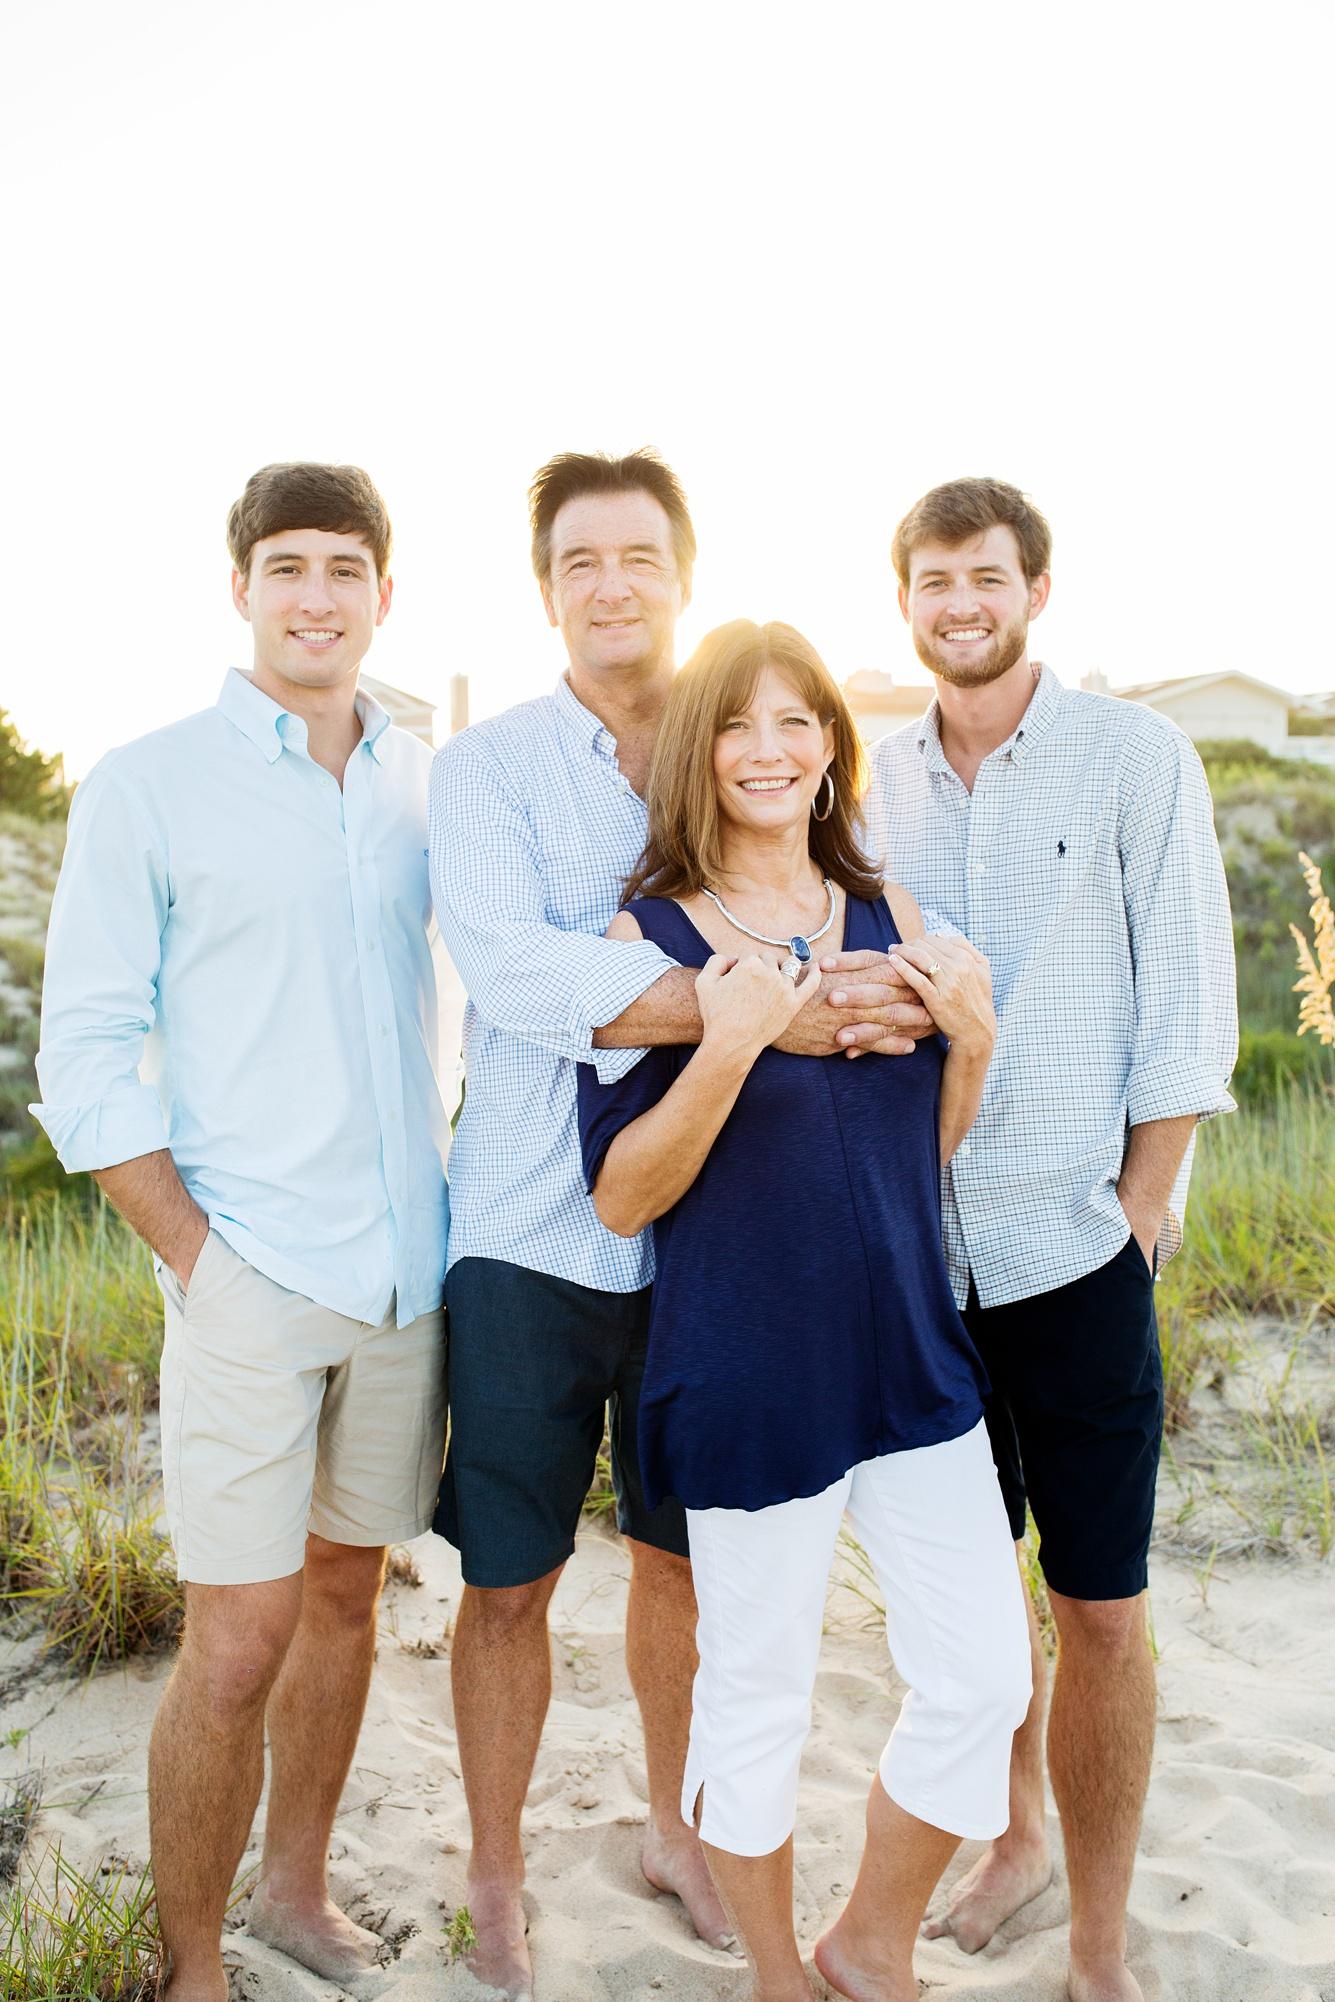 FamilyPhotographer-in-Charlotte-NC_0203.jpg